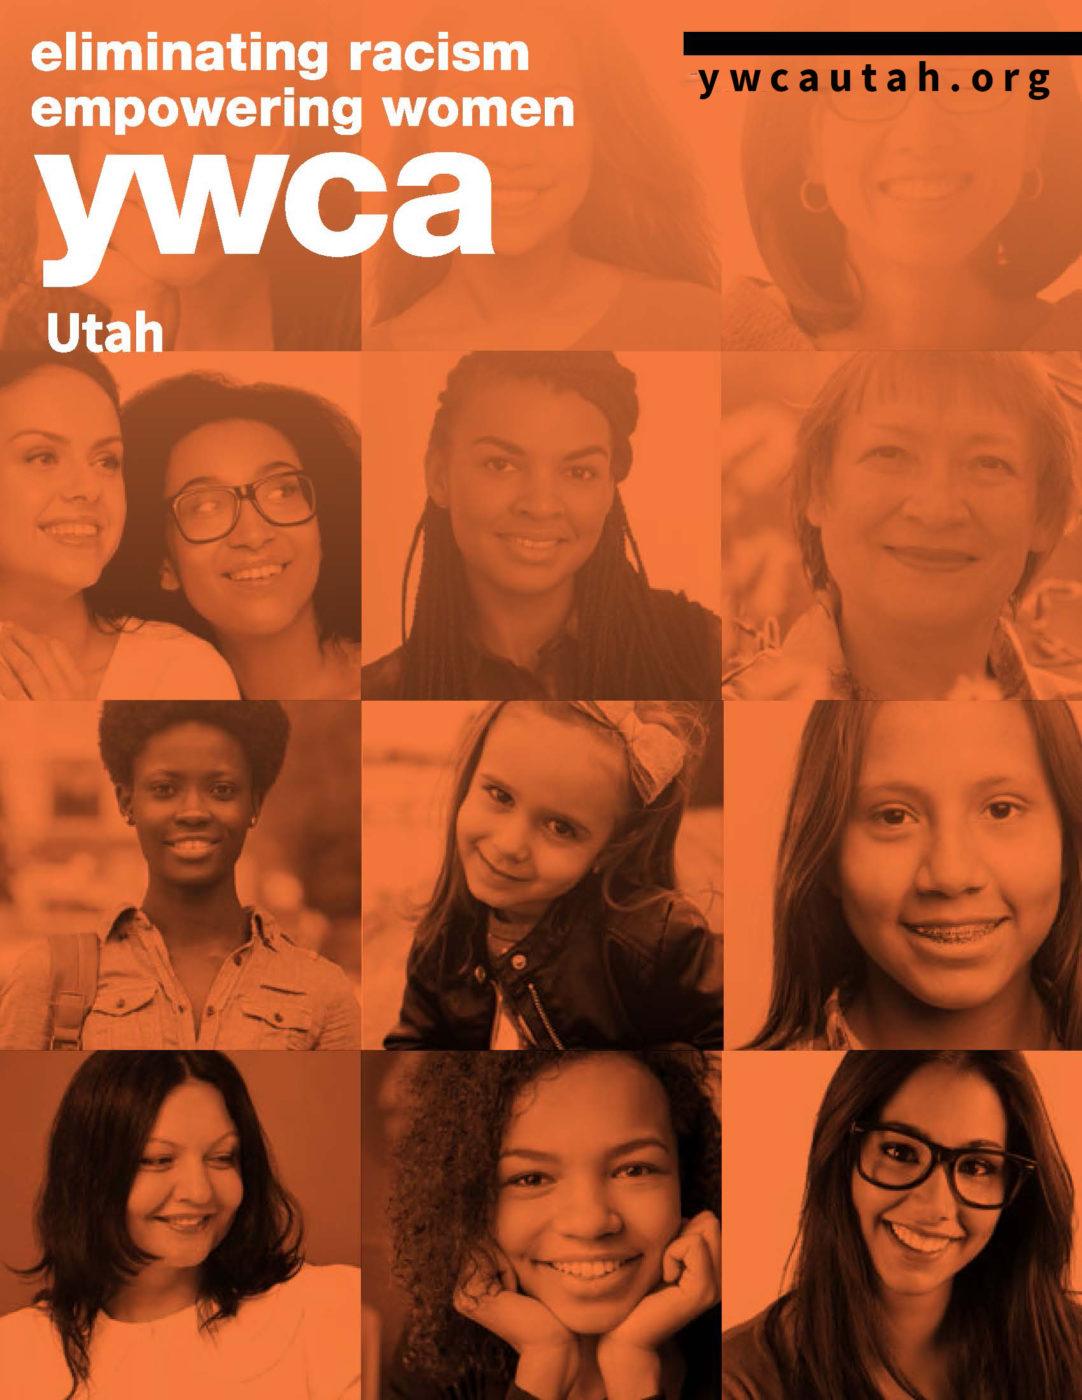 YWCA Utah Annual Report 2015-2016